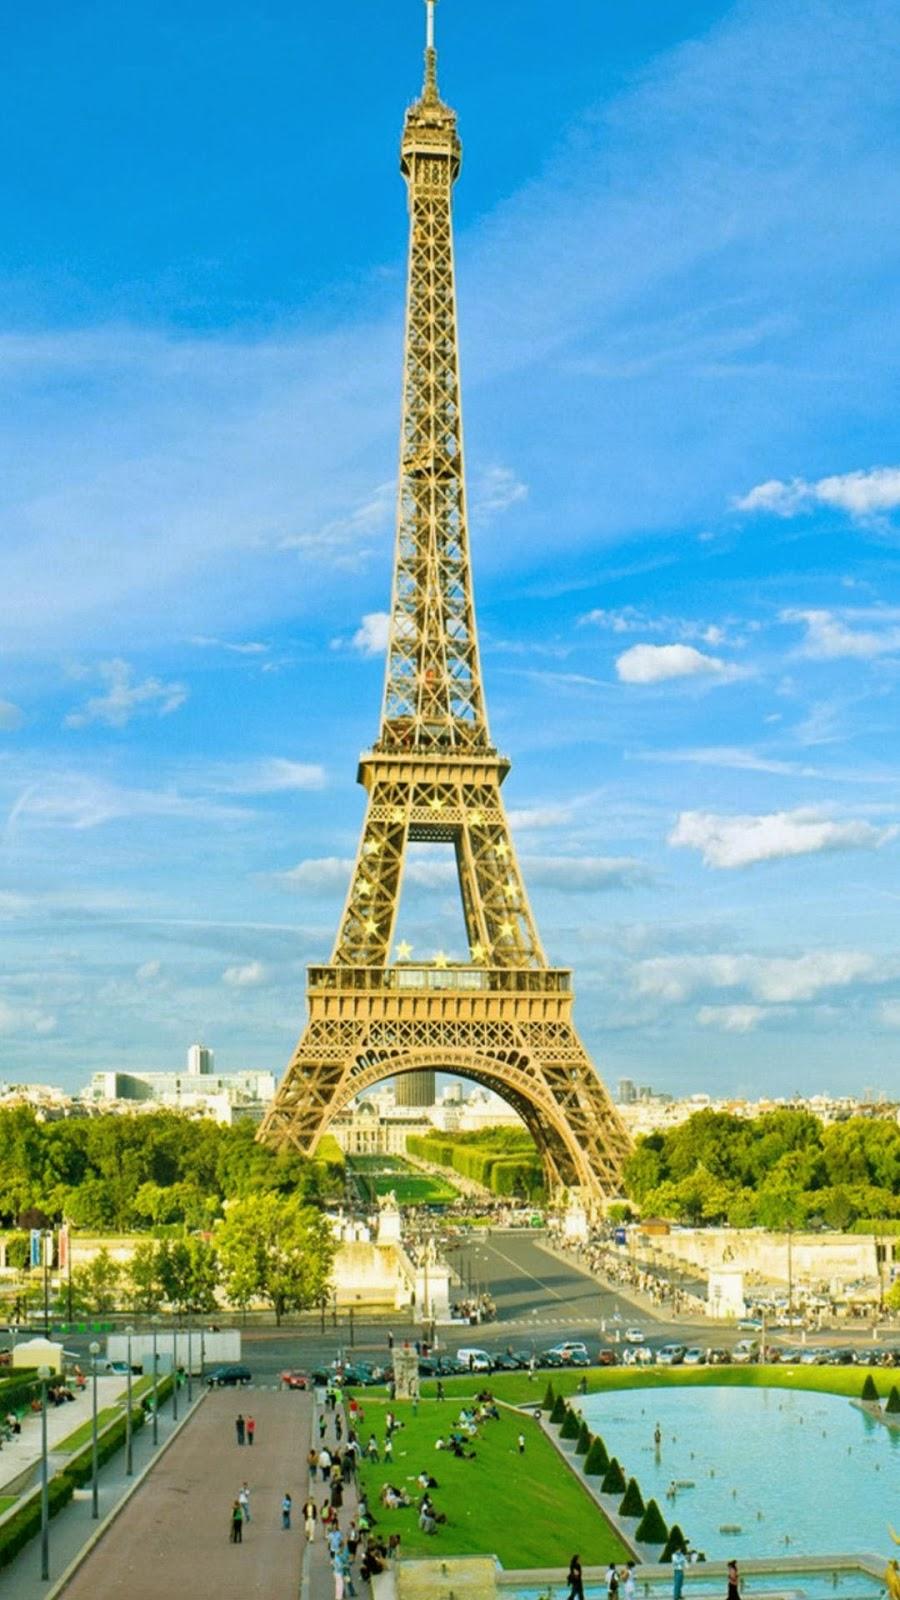 Samsung Galaxy S4 Wallpaper Eiffel Tower 900x1600 Download Hd Wallpaper Wallpapertip